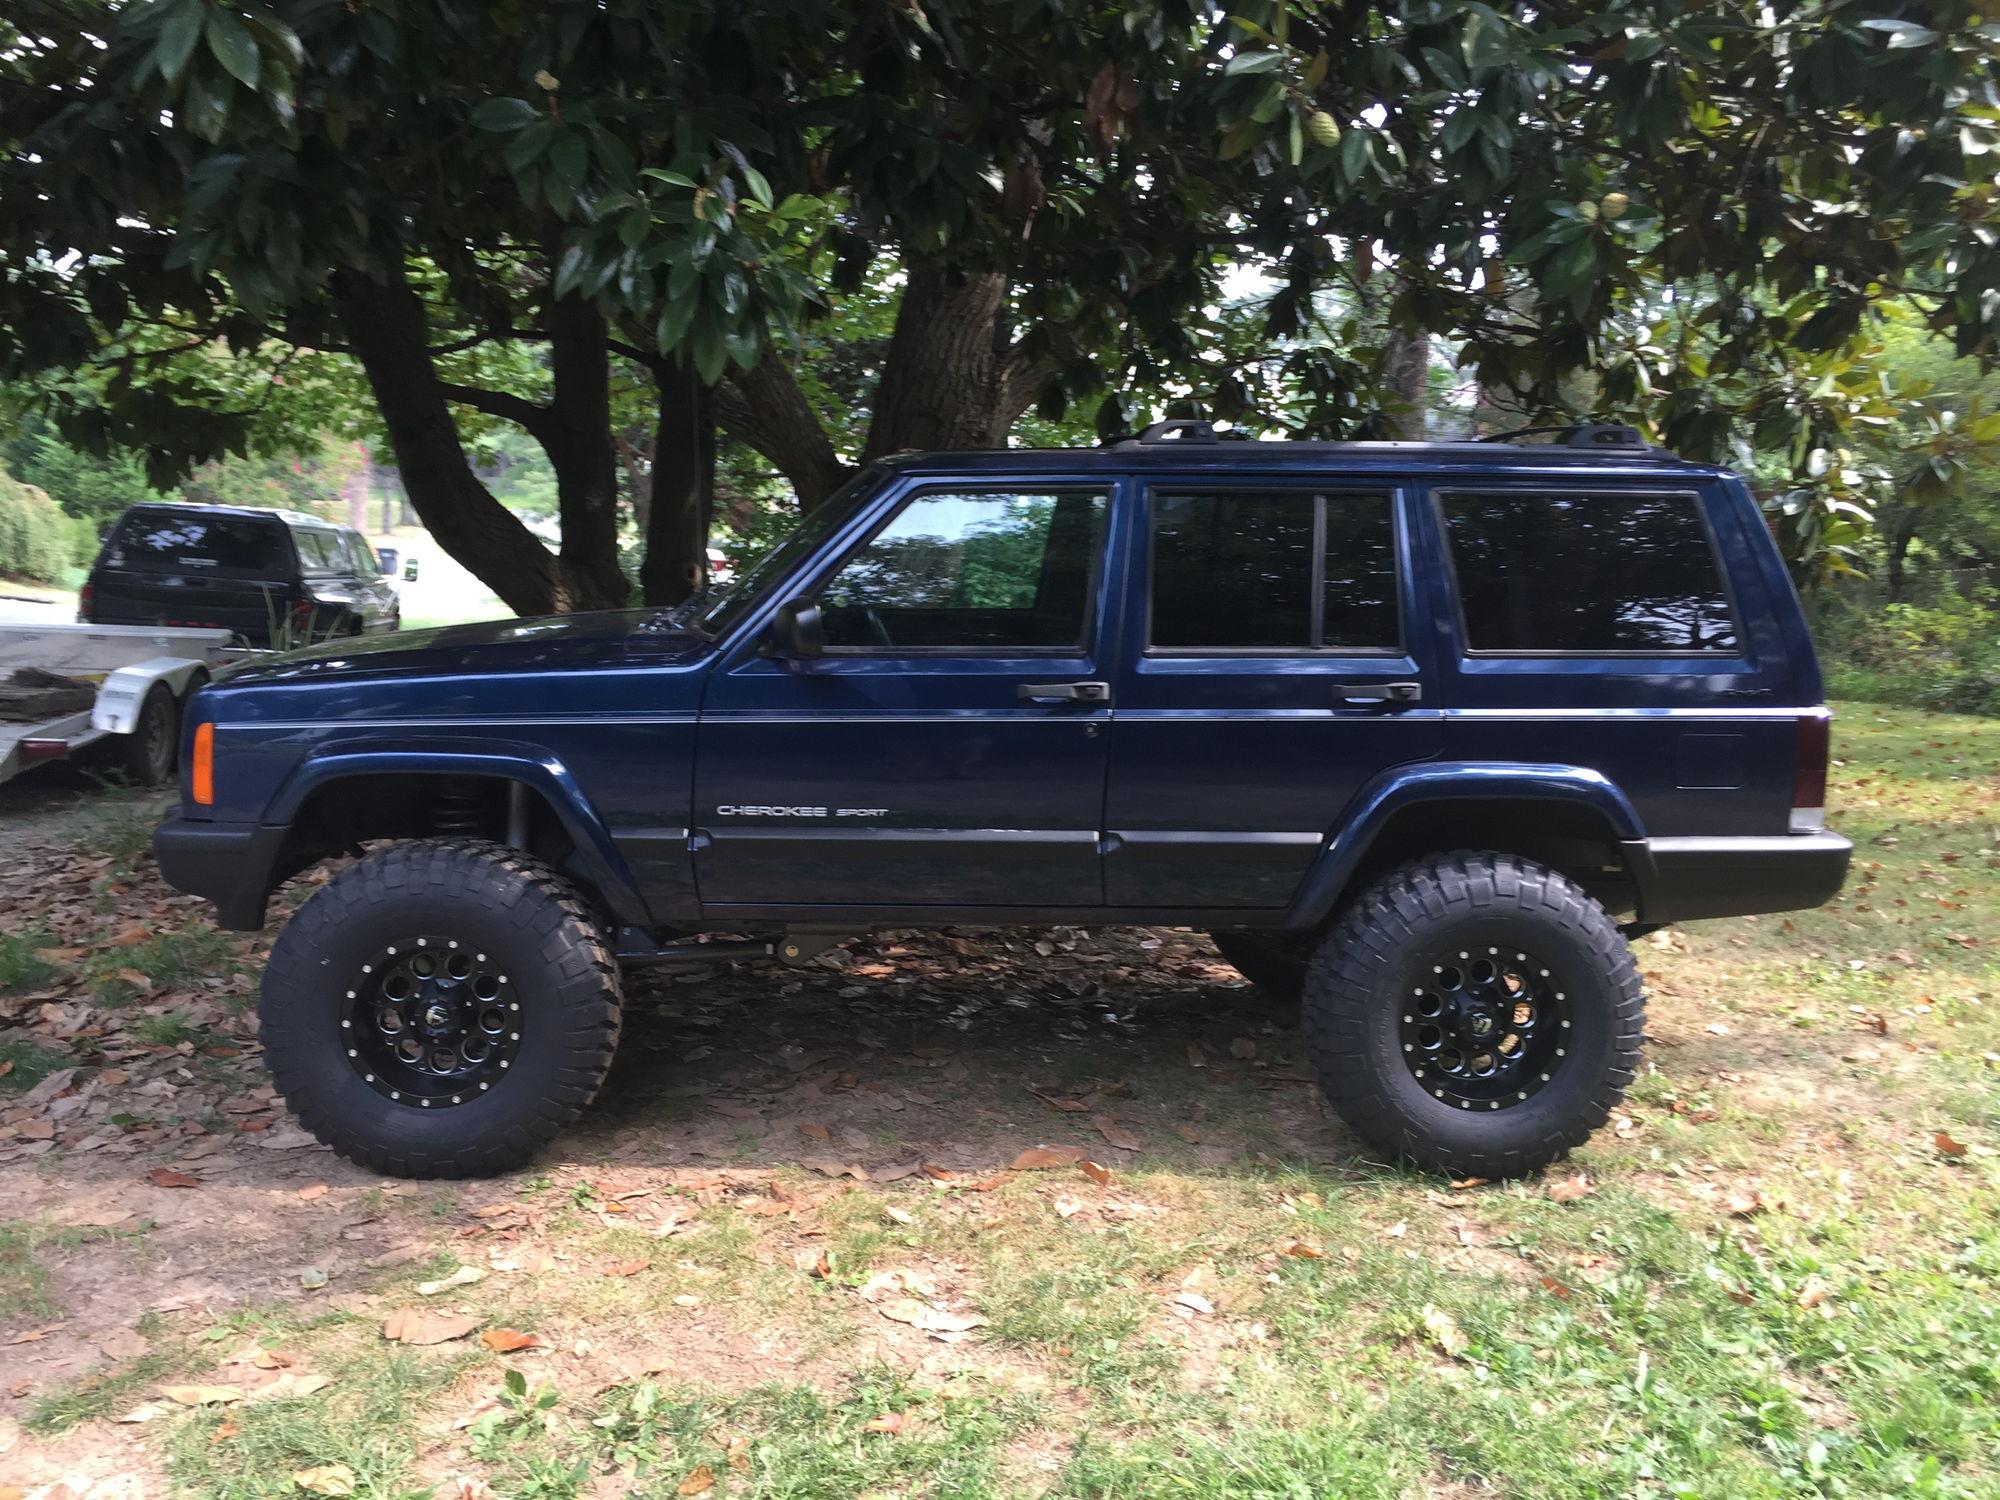 Lifted Jeep Xj >> 4.5 Lift 2000 xj build - Jeep Cherokee Forum